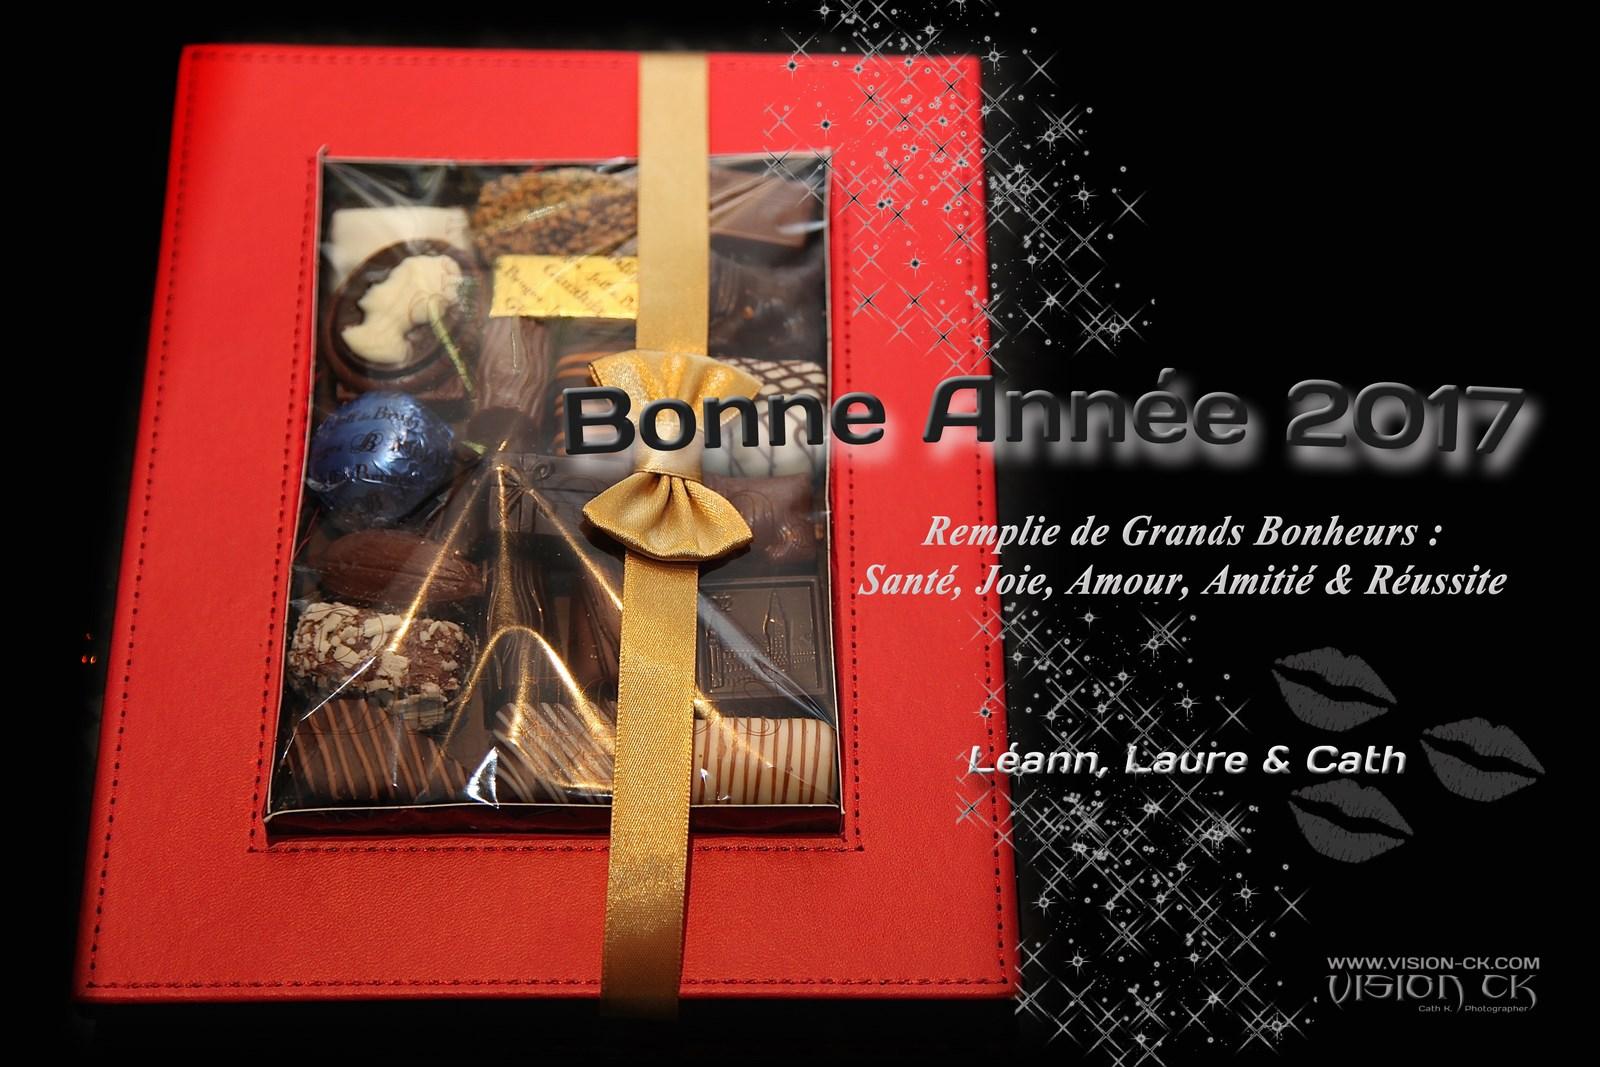 IMG_2849 BONNE ANNEE NOUS (LOGOTE)